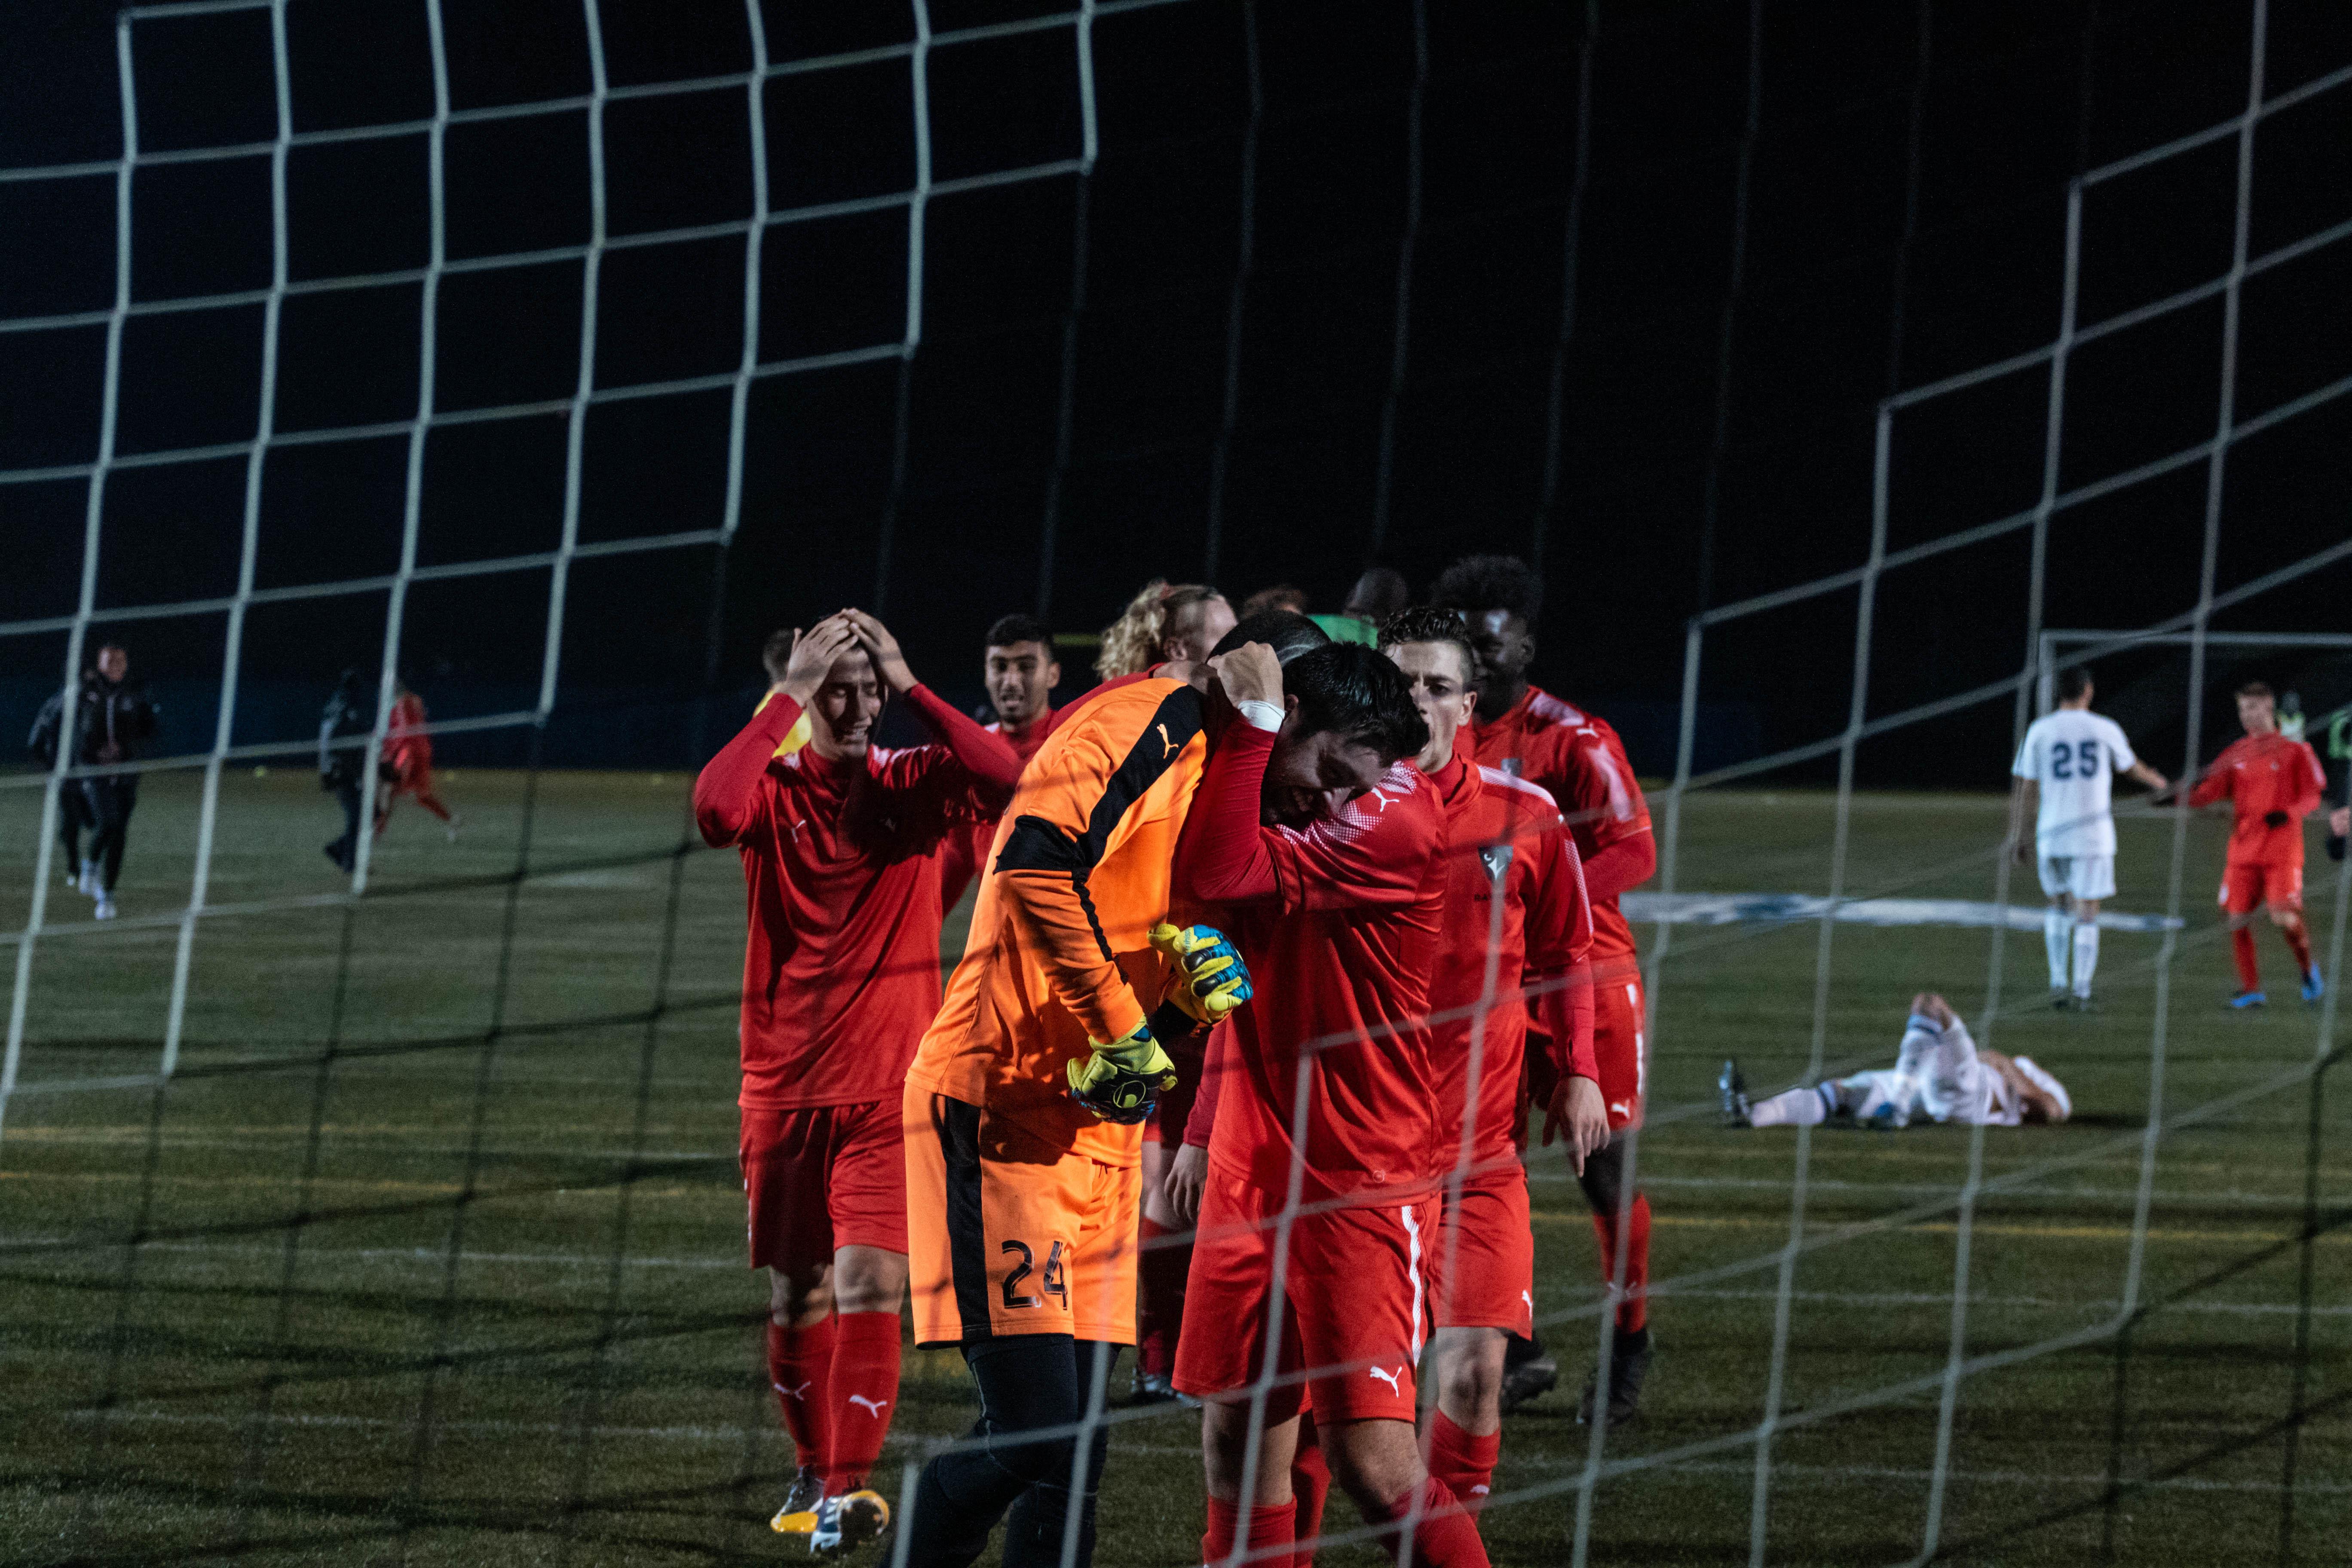 Carleton celebrates their win.